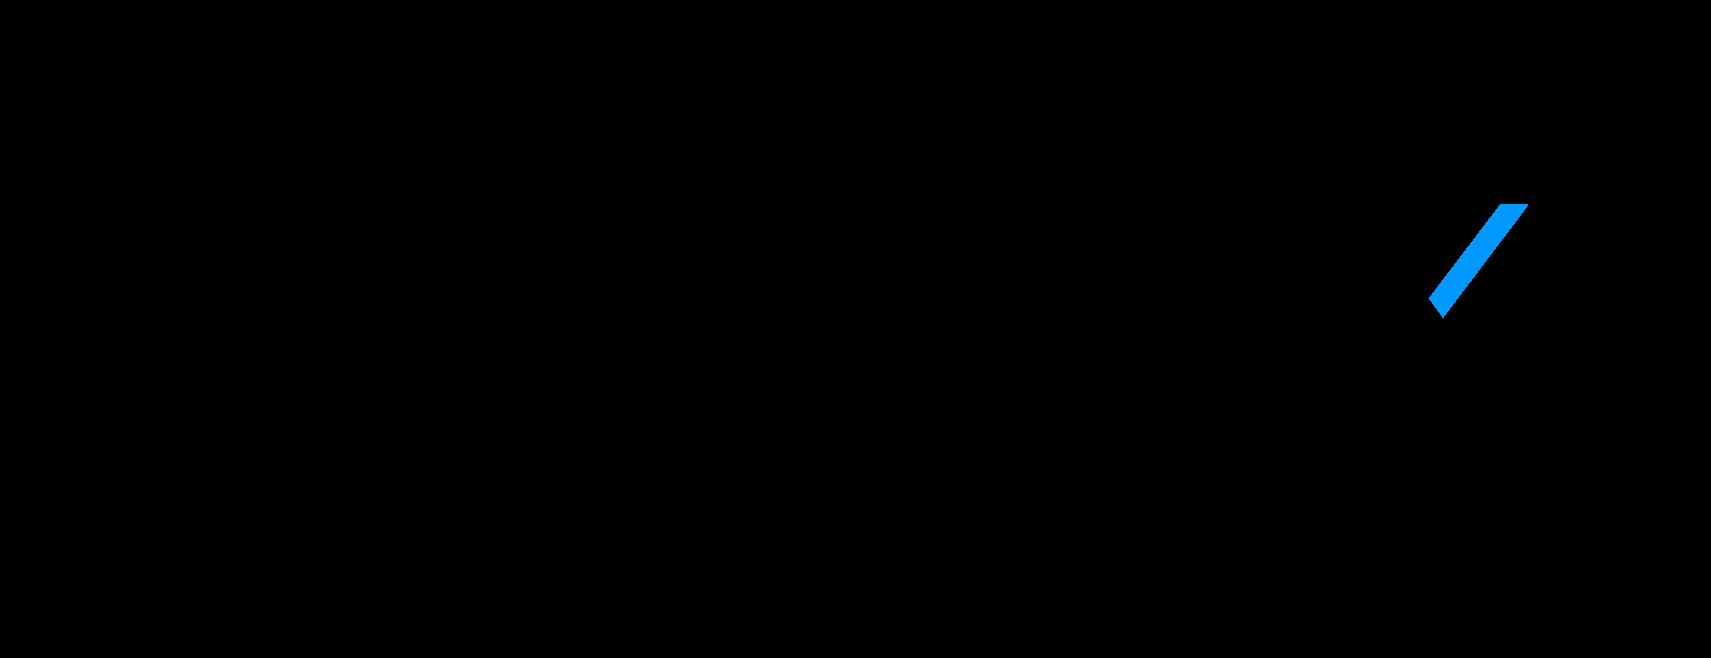 Logo Design for Material Technology